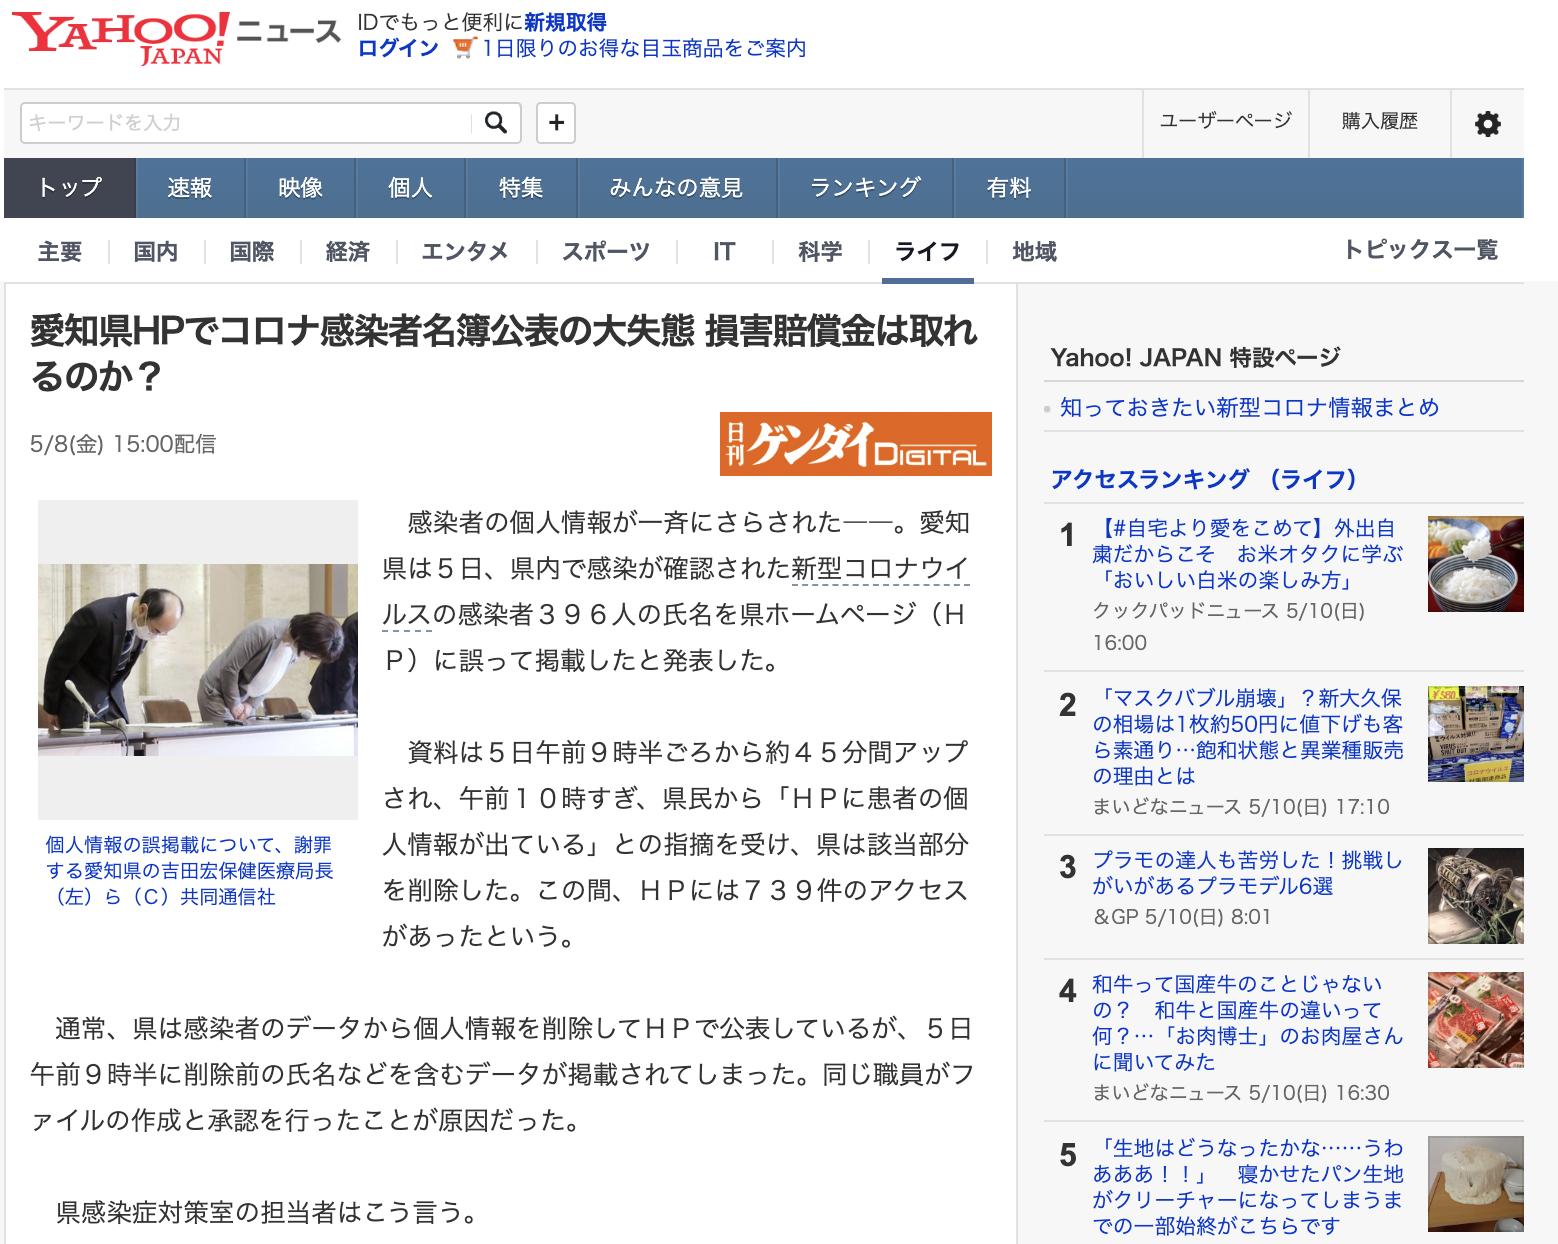 愛知県HPでコロナ感染者名簿公表の大失態 損害賠償金は取れるのか?